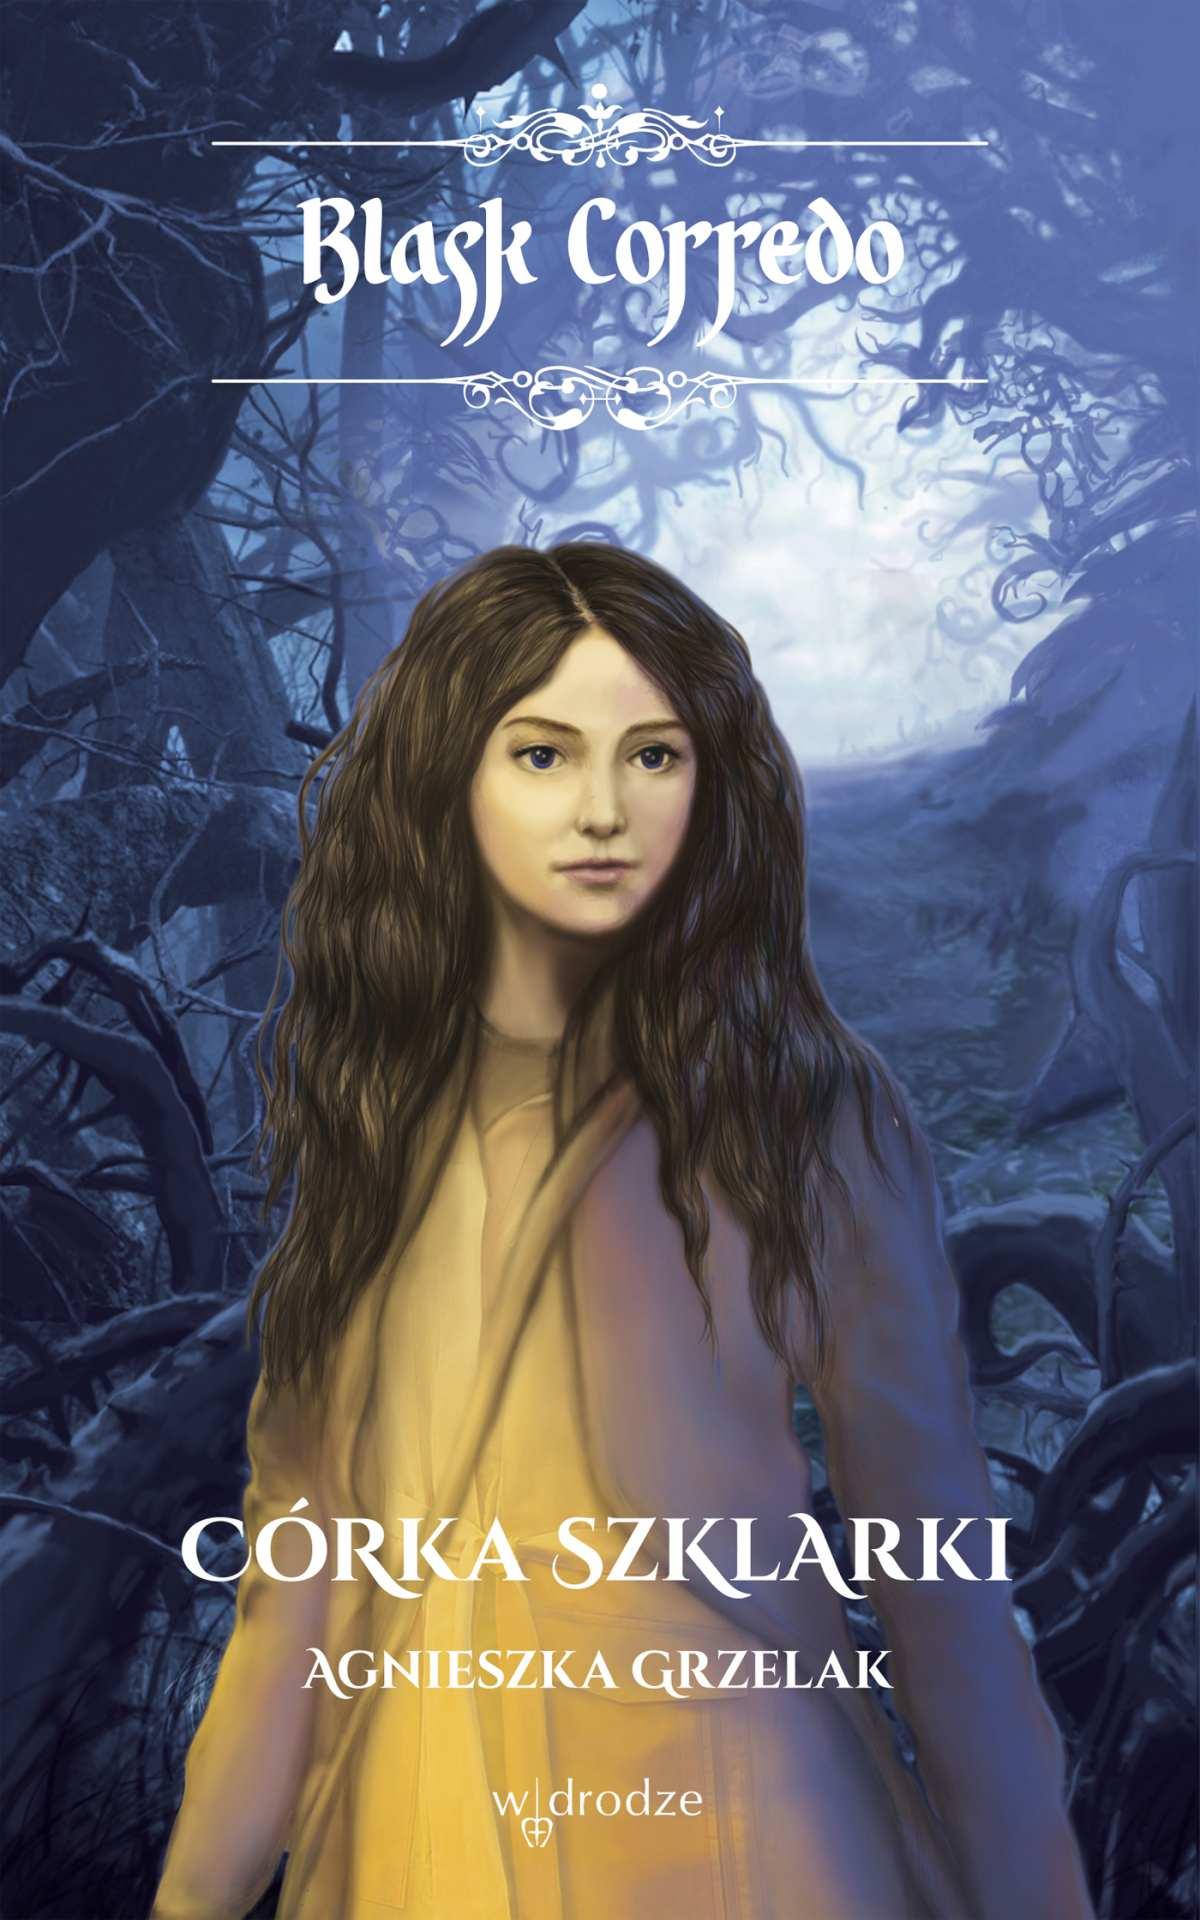 Córka Szklarki. Blask Corredo. Tom II - Ebook (Książka na Kindle) do pobrania w formacie MOBI